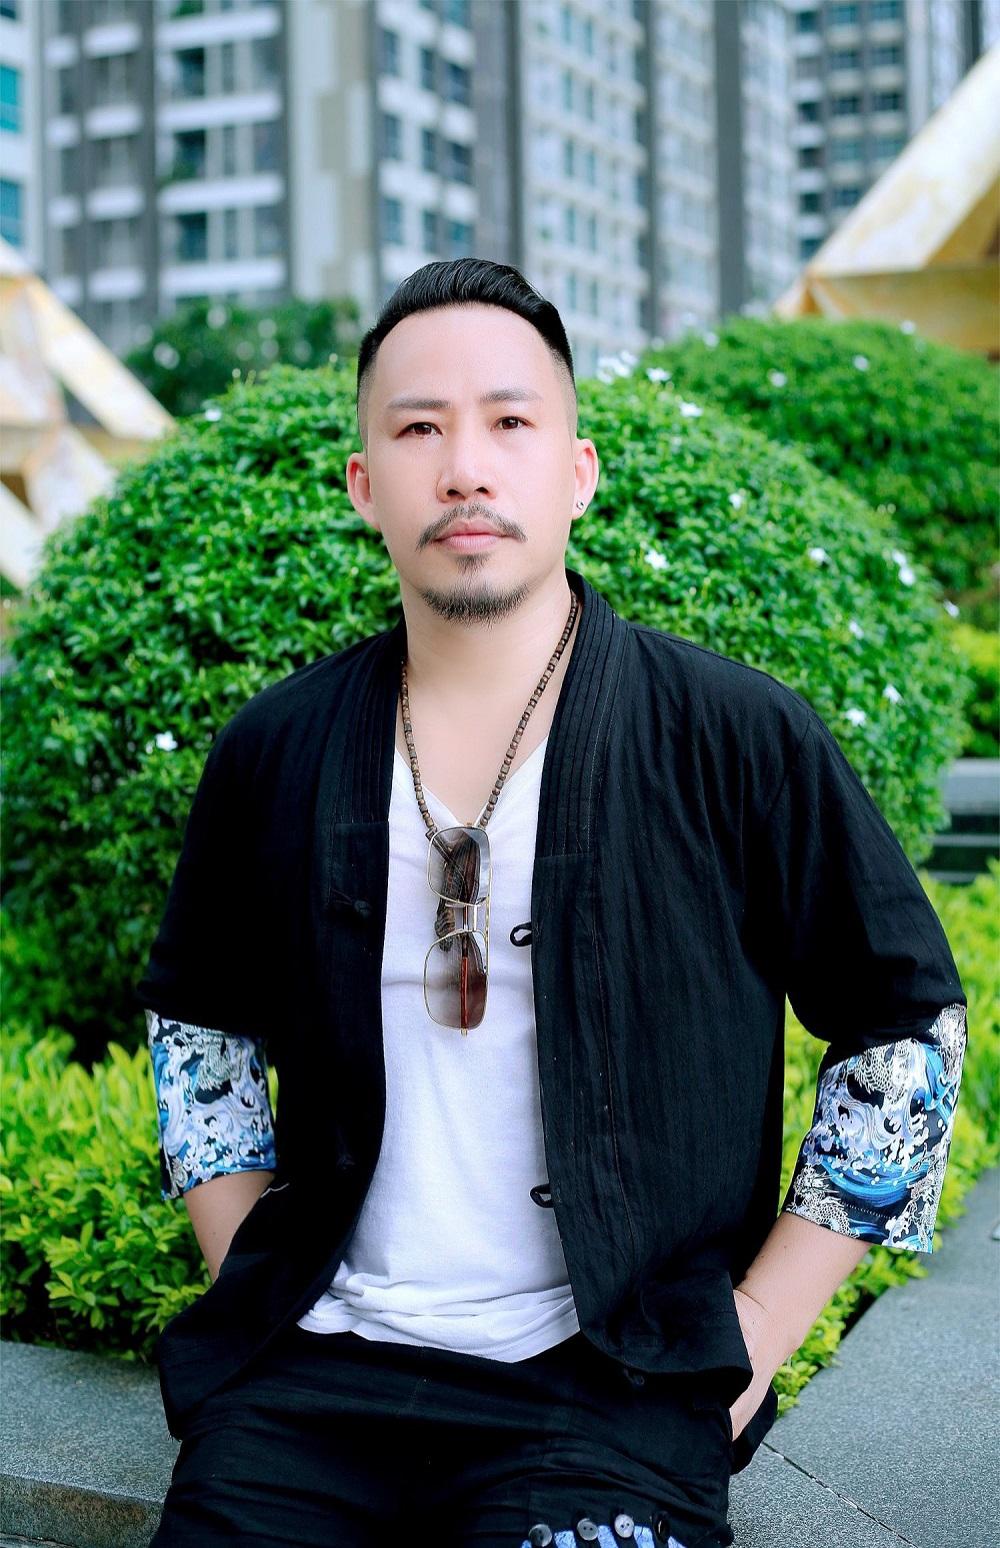 Chàng nhạc sĩ tinh tế chọn cho mình chiếc áo thun đơn giản, bên ngoài khoác thêm áo sơ mi cách điệu với tone màu đen nam tính.